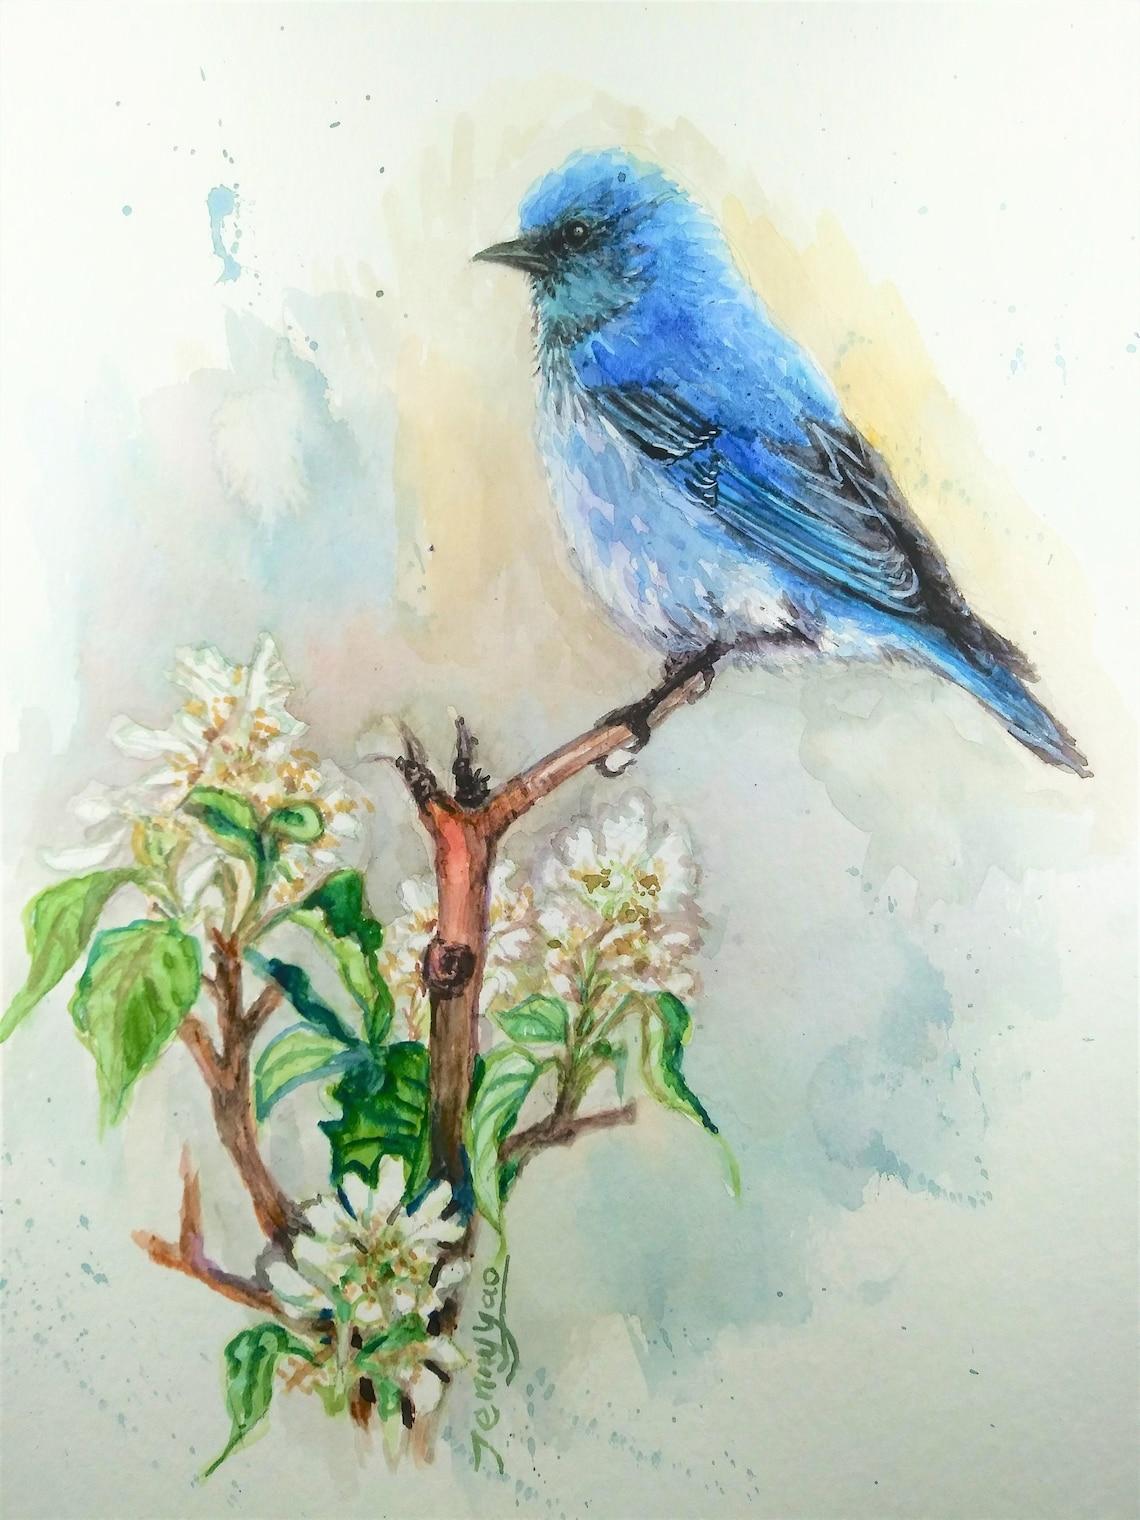 original aquarell blauer vogel mit weißer blume 210426 12